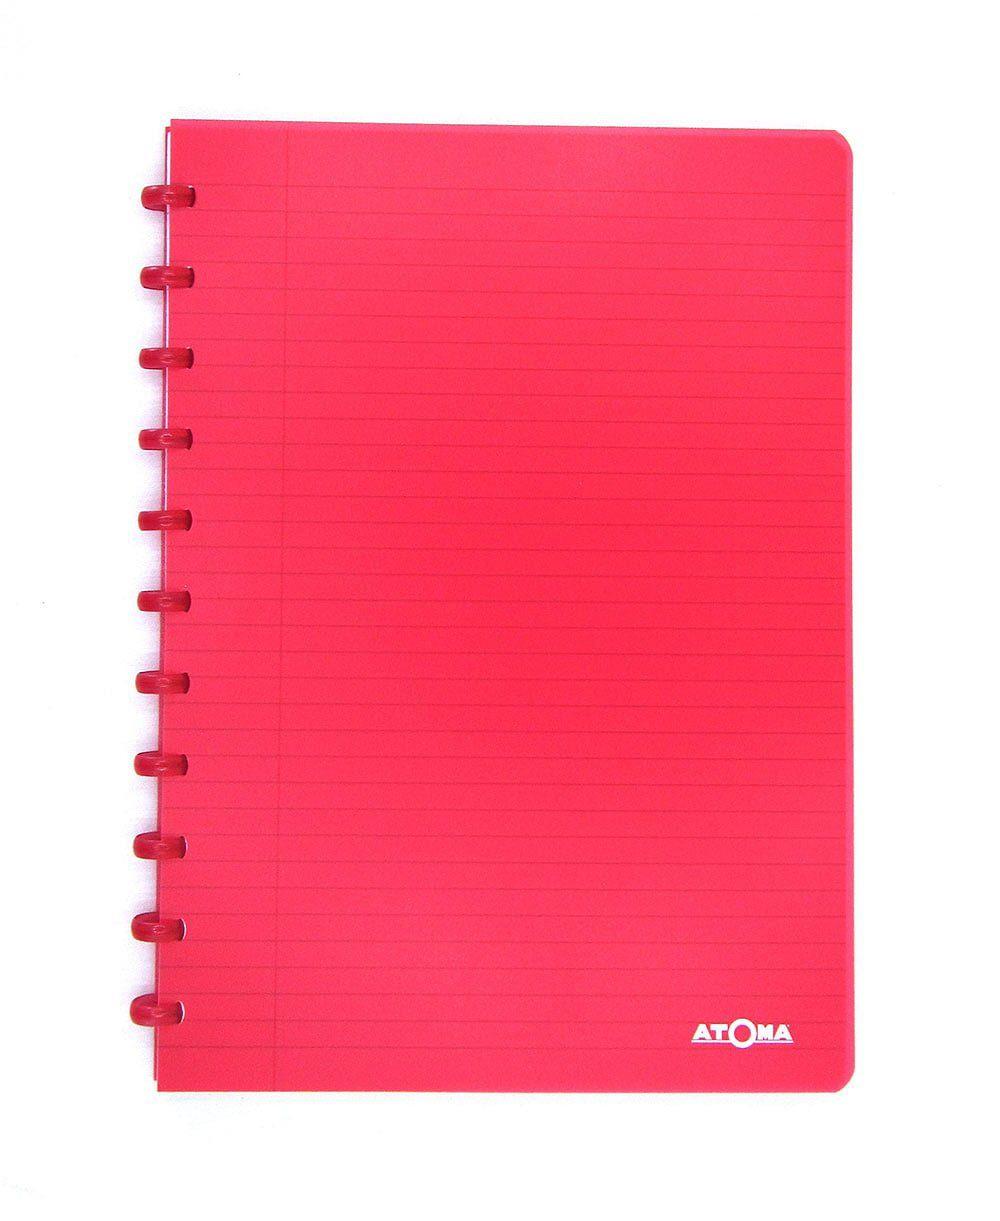 Caderno A4 72 fls vermelho TRANSPARENTE Atoma